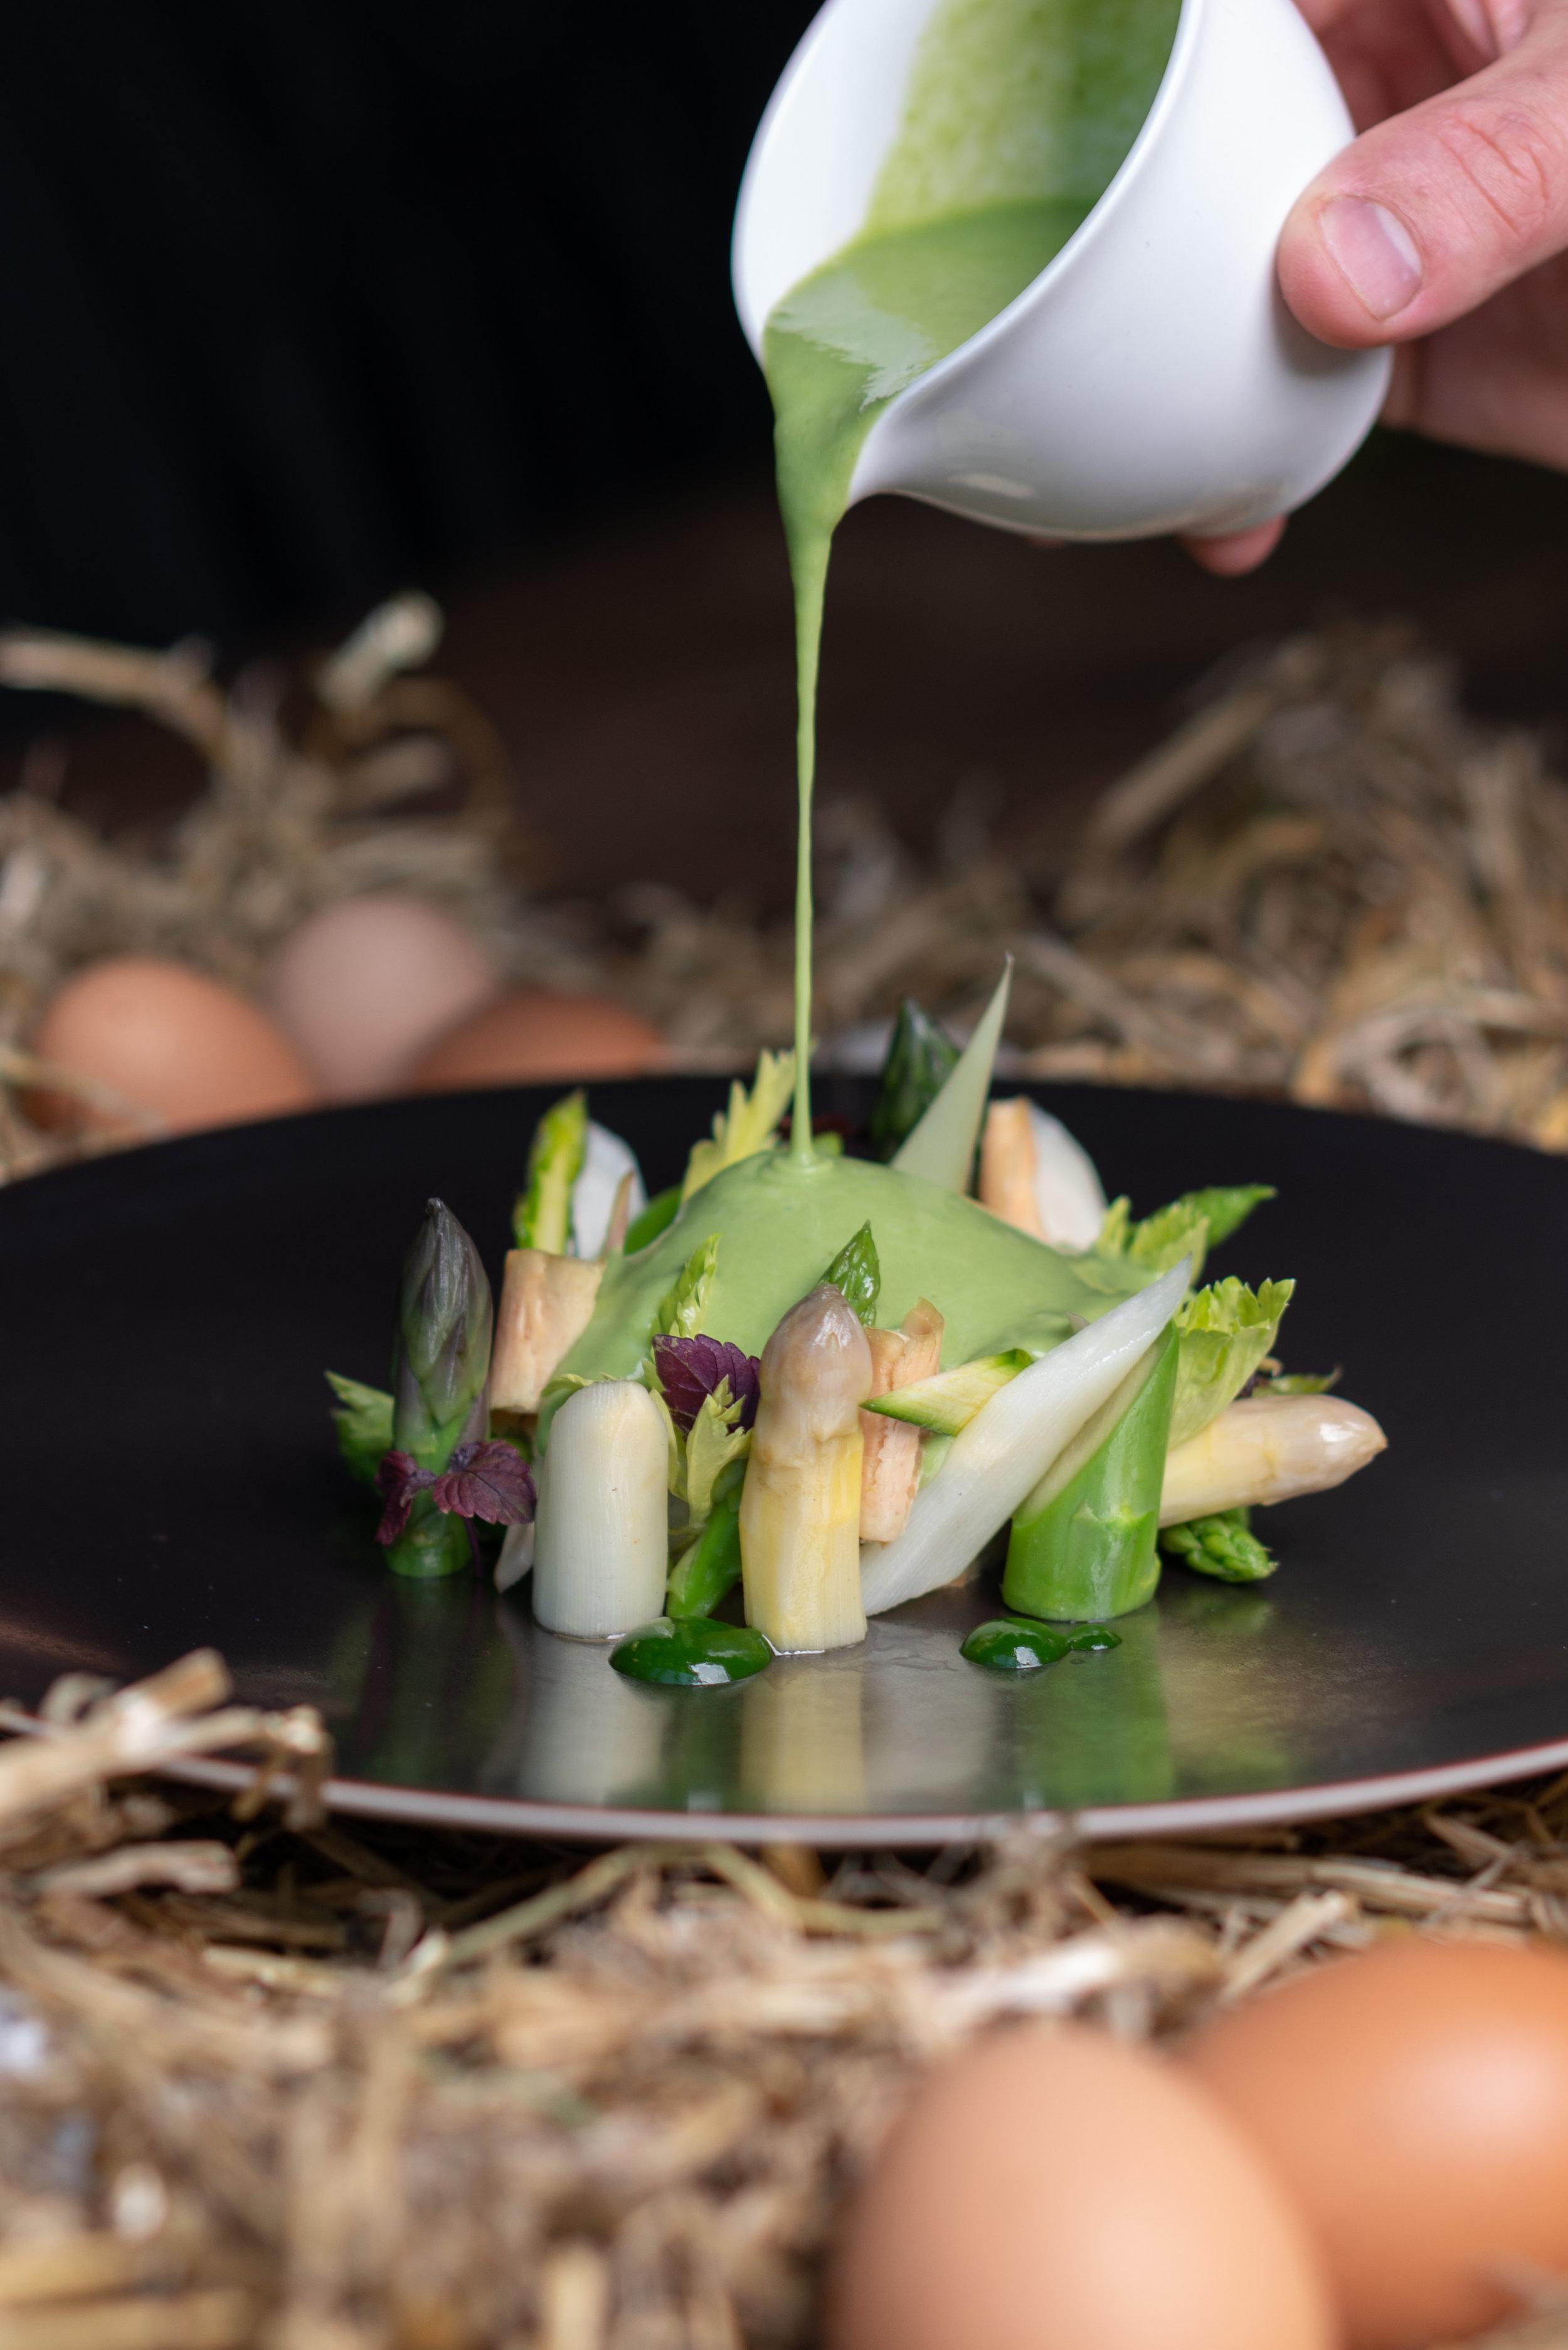 Food gourmet gastronomique sauce légumes